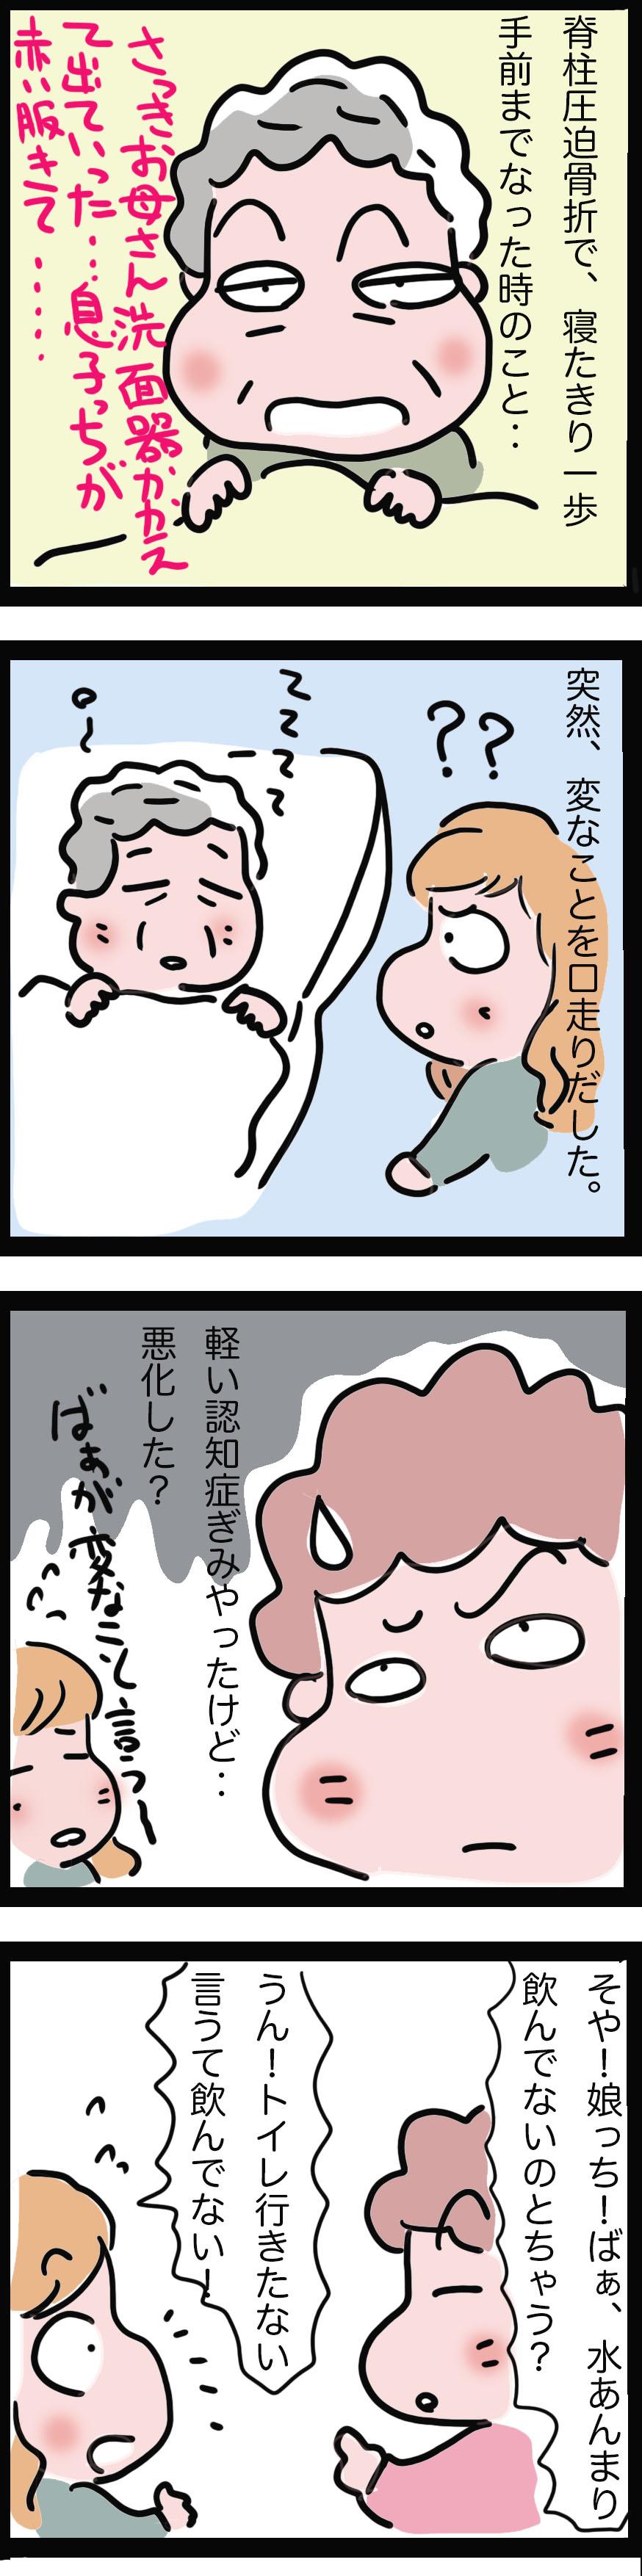 せん妄と幻視1.jpg